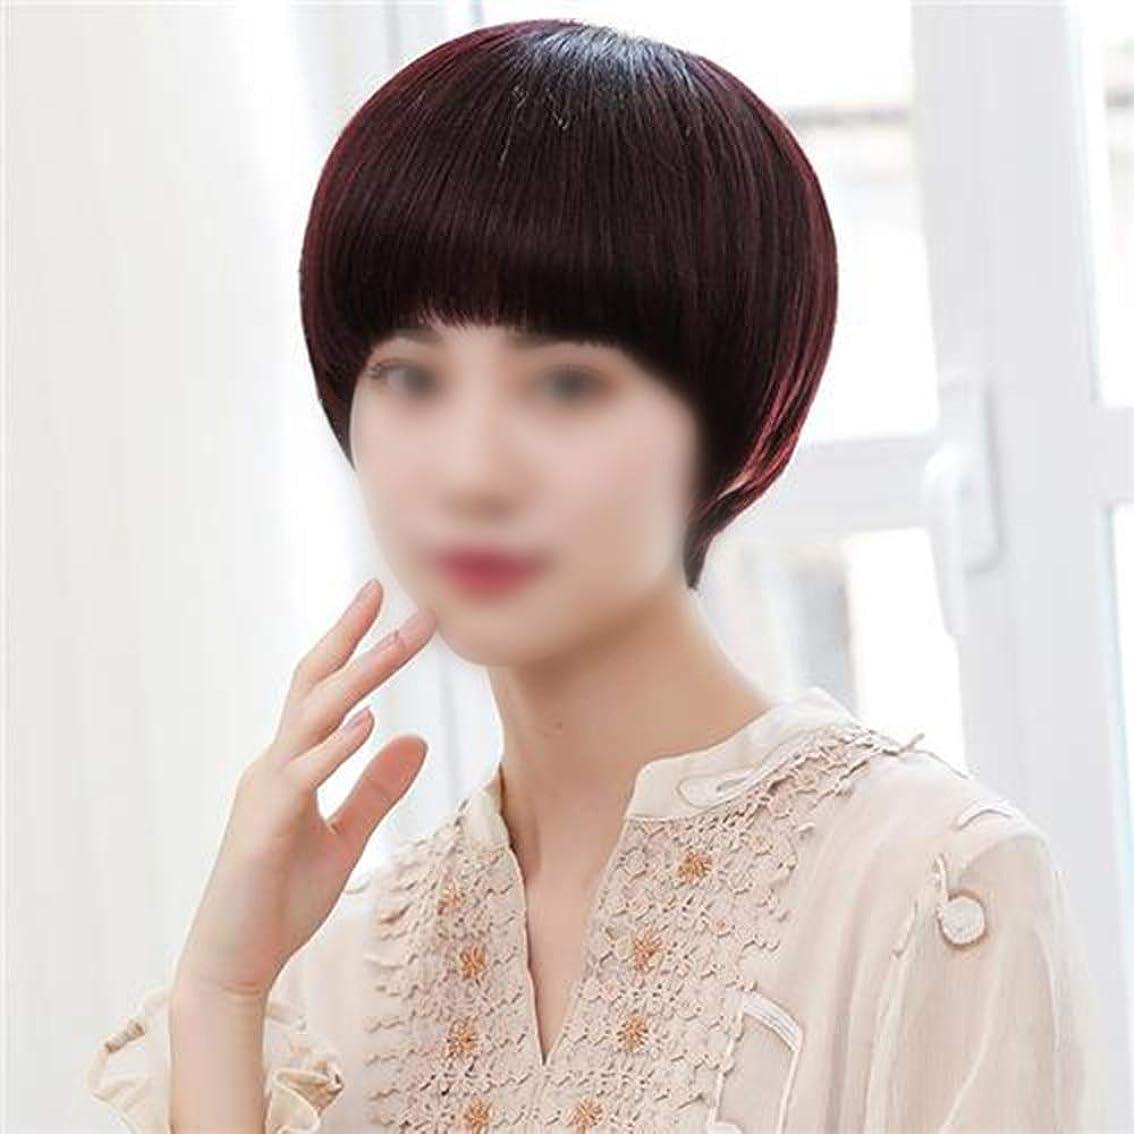 篭第五サスペンションHOHYLLYA リアルヘア手編みボブショートストレートヘア前髪ふわふわハンサムウィッグ女性のための毎日のドレスファッションかつら (色 : ワインレッド)